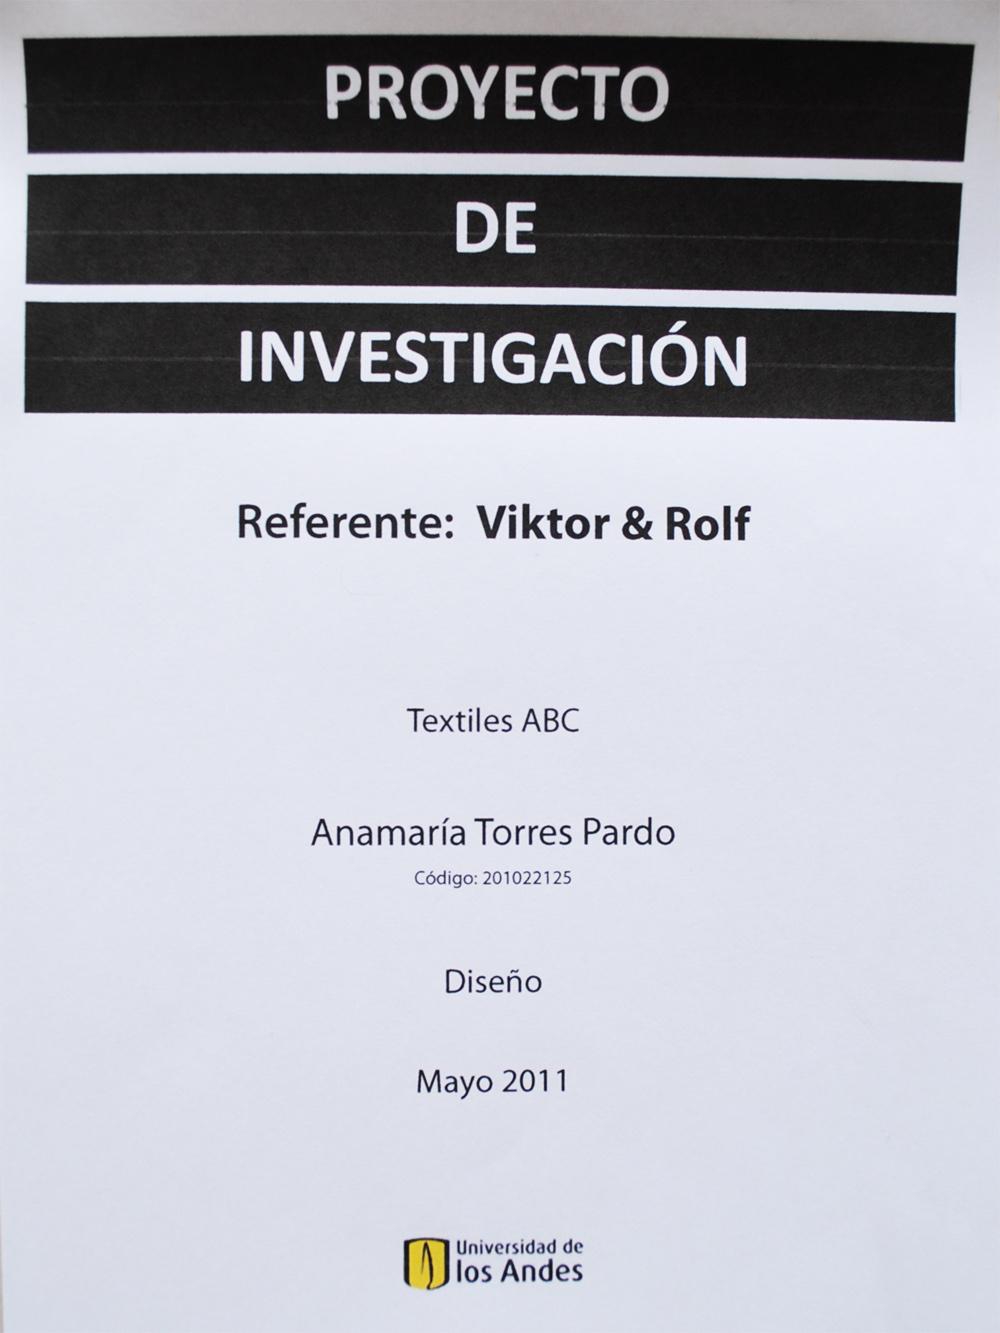 AnamariaTorres1